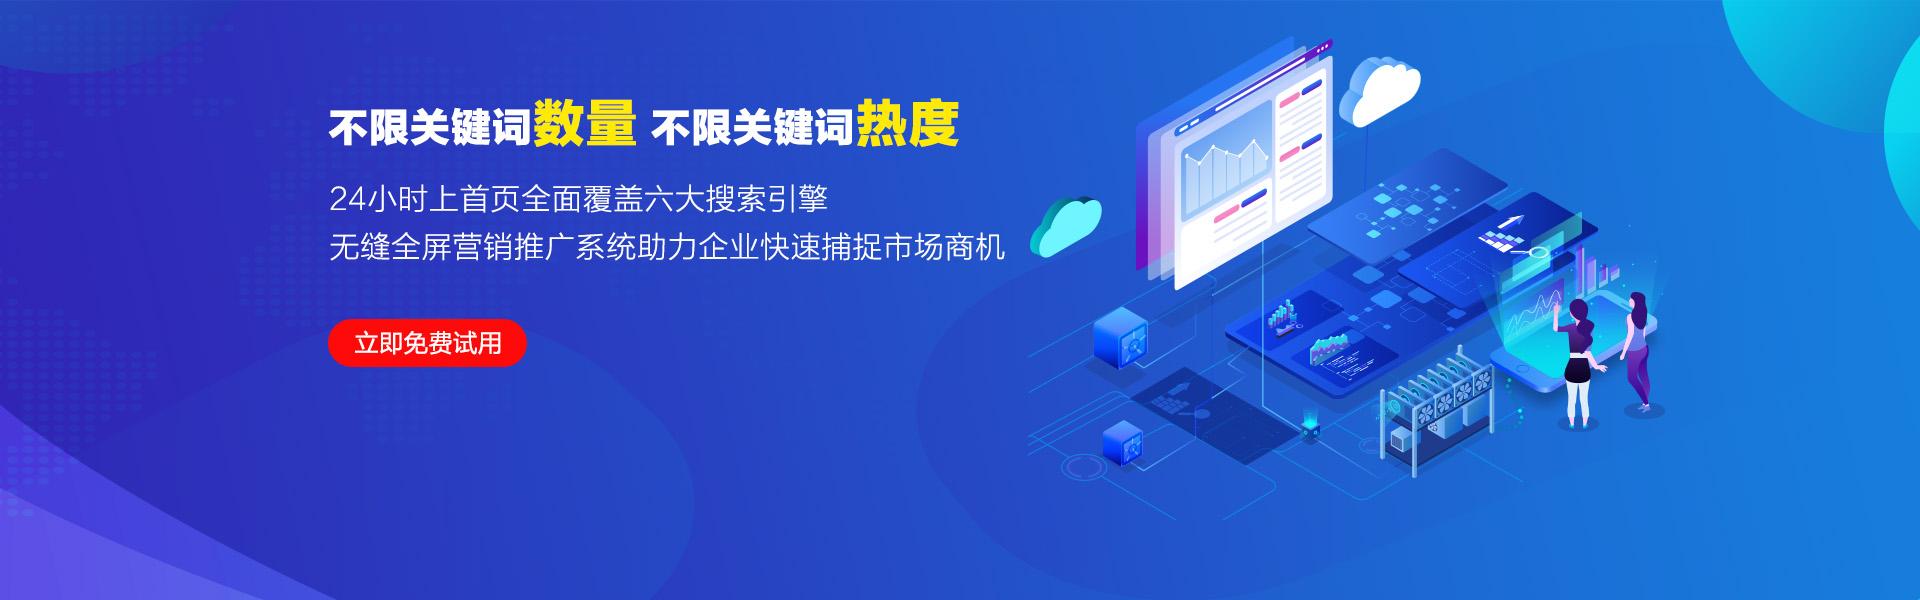 泰州網站制作,泰州網站推廣,泰州網站優化